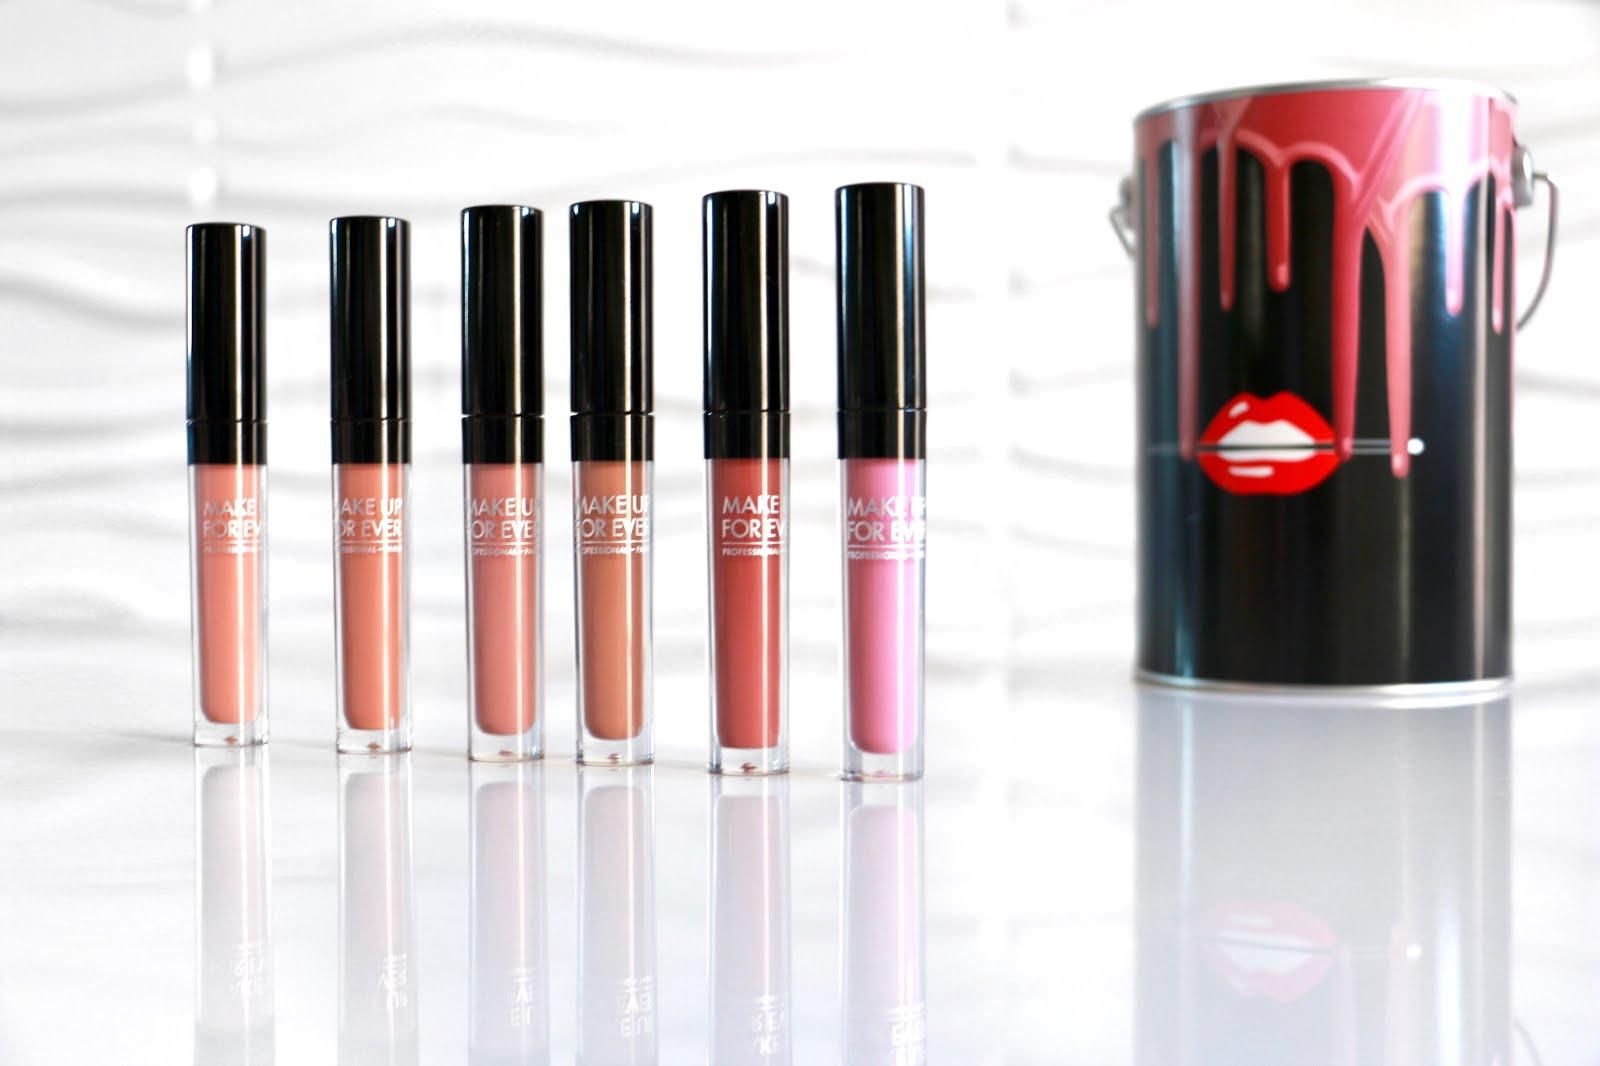 MAKE-UP-FOR-EVER-Artist-Liquid-Matte-Lipsticks-Vivi-Brizuela-PinkOrchidMakeup